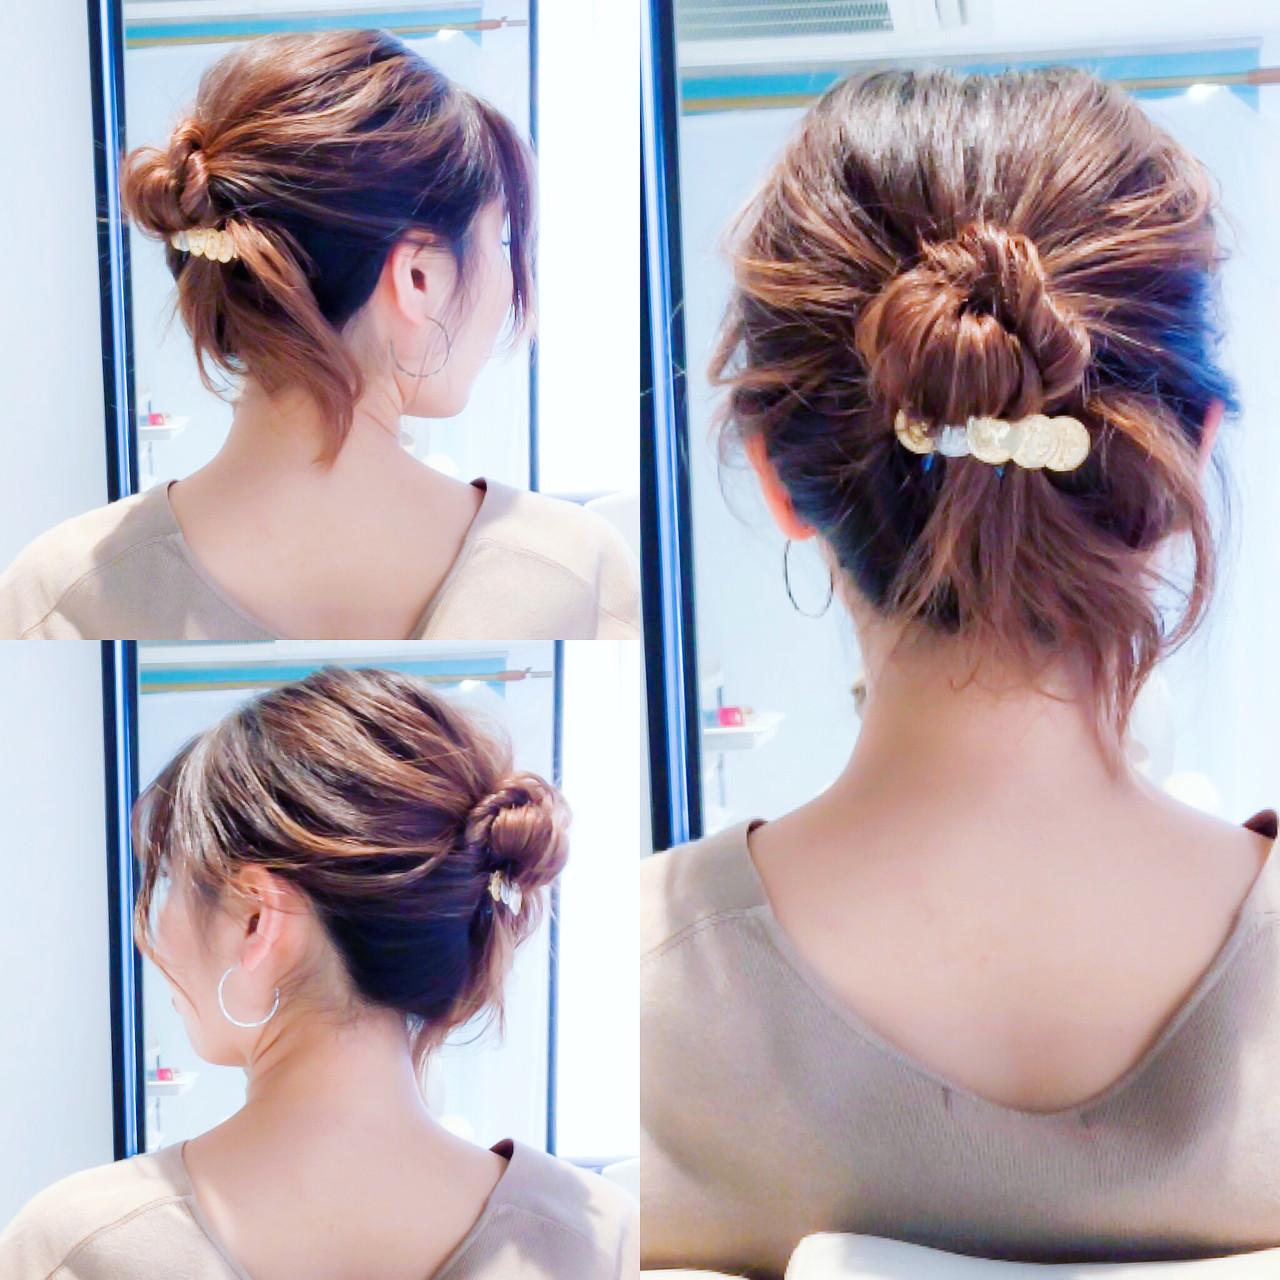 ロング セルフヘアアレンジ ヘアアレンジ フェミニン ヘアスタイルや髪型の写真・画像